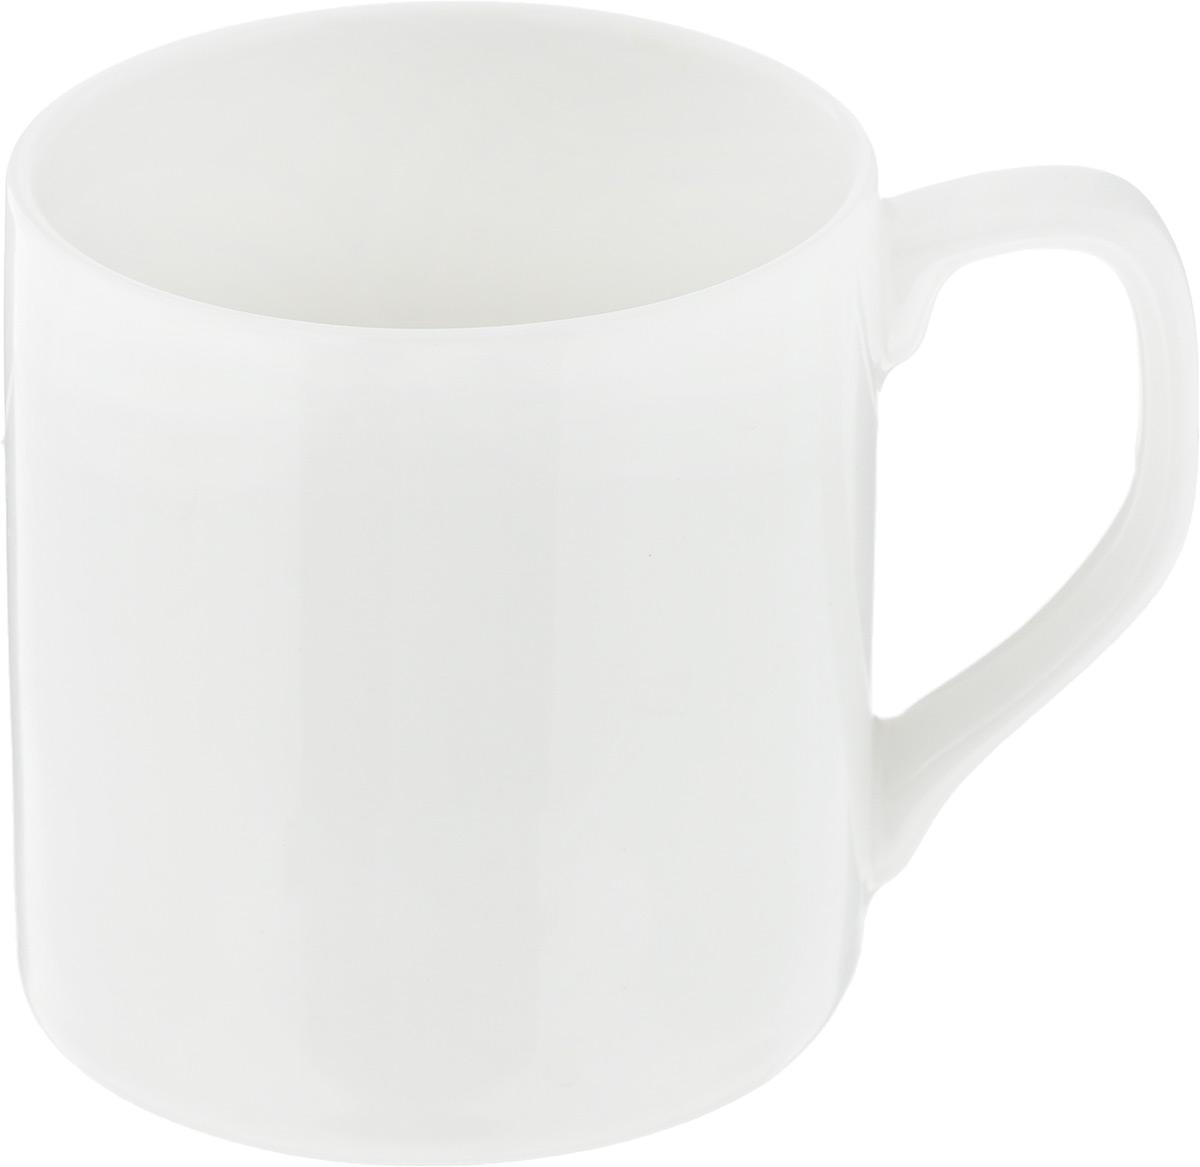 Чашка чайная Ariane Джульет, 200 мл. AJLARN5302054 009312Чайная чашка Ariane Джульет выполнена из высококачественного фарфора с глазурованным покрытием. Изделие оснащено удобной ручкой. Уникальный состав сырья, новейшие технологии и контроль качества гарантируют: снижение риска сколов, повышение термической и механической прочности, высокую сопротивляемость шоковым воздействиям, высокую устойчивость к истиранию, устойчивость к царапинам, гладкий и блестящий внешний вид, абсолютную функциональность, относительную безопасность в случае боя, защиту от деформации.Нежнейший дизайн и белоснежность изделия дарят ощущение легкости и безмятежности. Изысканная чашка прекрасно оформит стол к чаепитию и станет его неизменным атрибутом.Можно мыть в посудомоечной машине и использовать в СВЧ без потери внешнего вида.Диаметр чашки (по верхнему краю): 7 см.Высота чашки: 7 см.